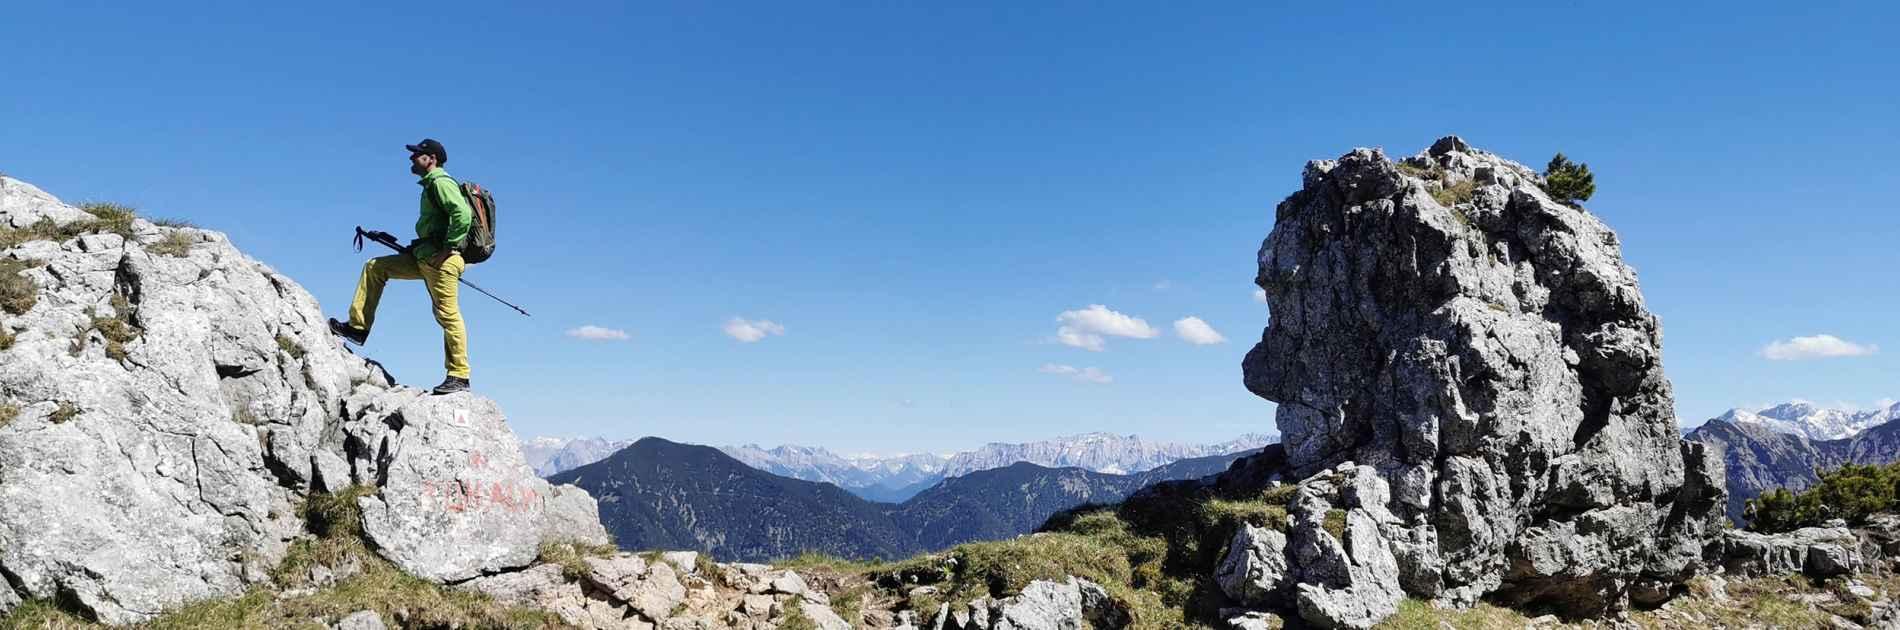 Imagefoto met de INNOX PRO GTX LO, Ralf Stute Innox Alpen